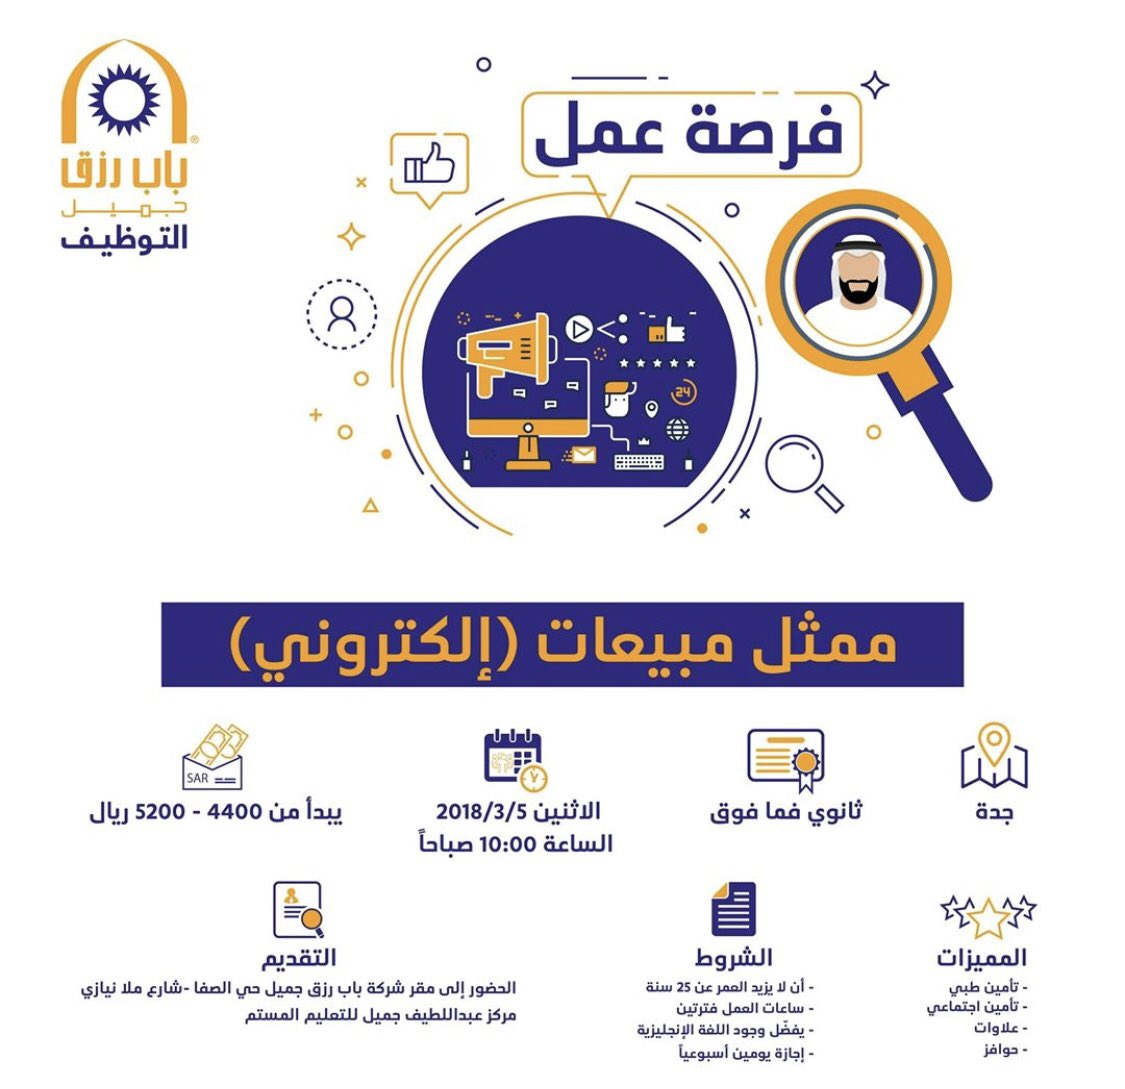 وظائف مبيعات في جدة عن طريق باب رزق جميل التقديم غداً الاثنين